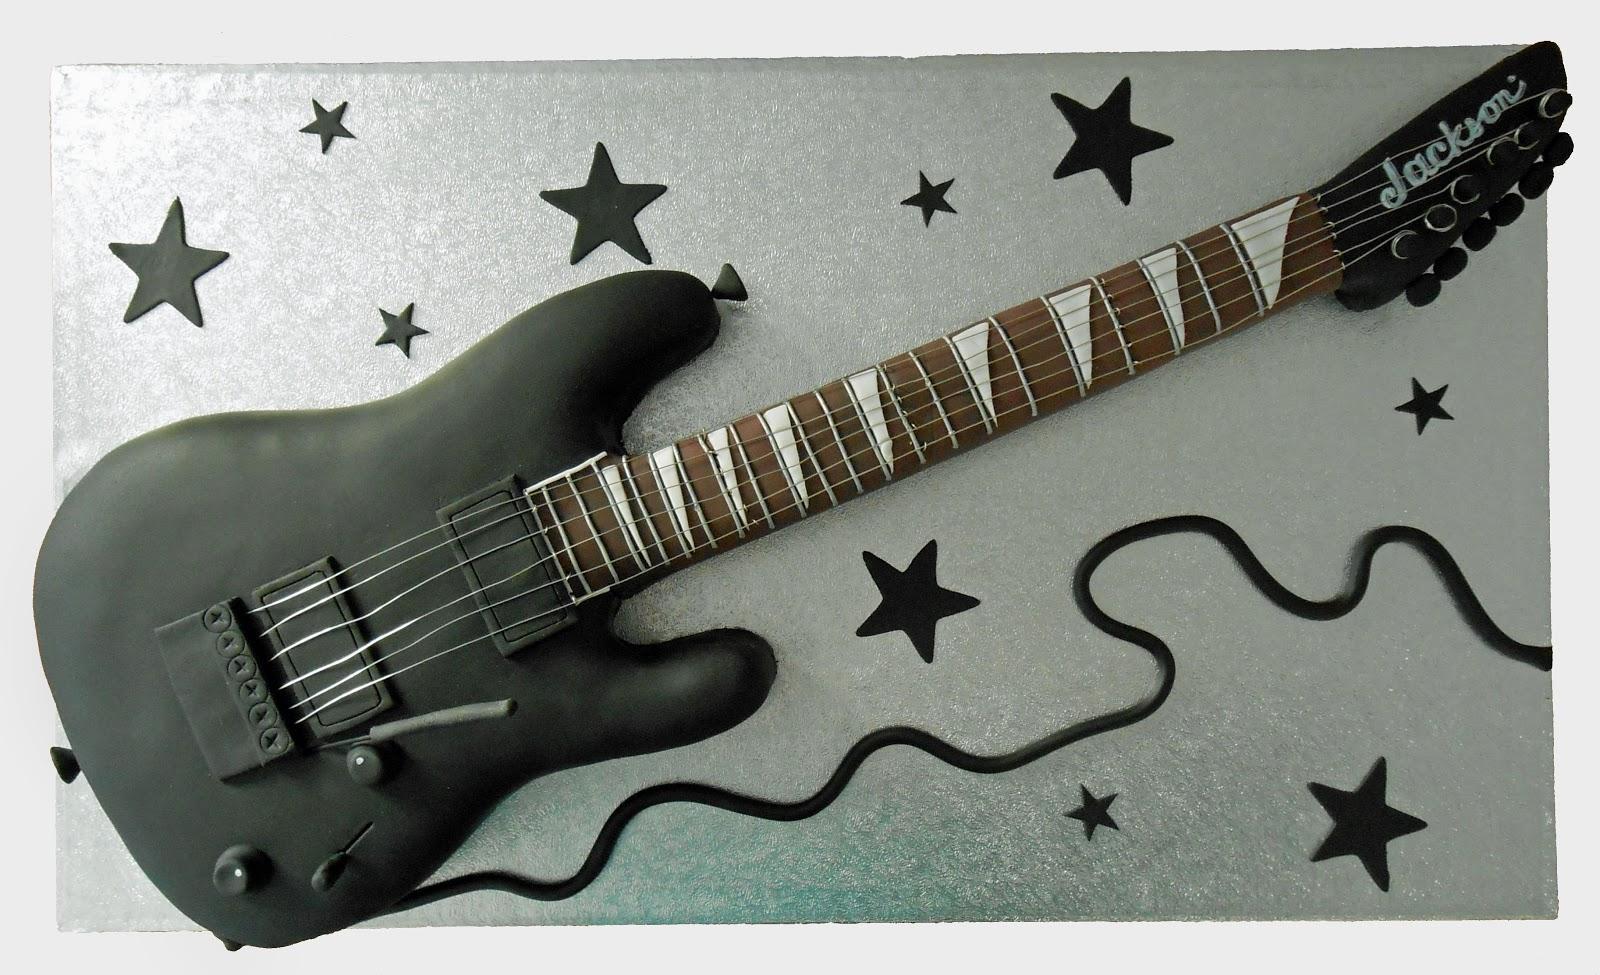 http://3.bp.blogspot.com/-3Q10nS7aLTk/UIVKdew8ePI/AAAAAAAAApQ/tiGBtb1jPnw/s1600/jackson+guitar.jpg